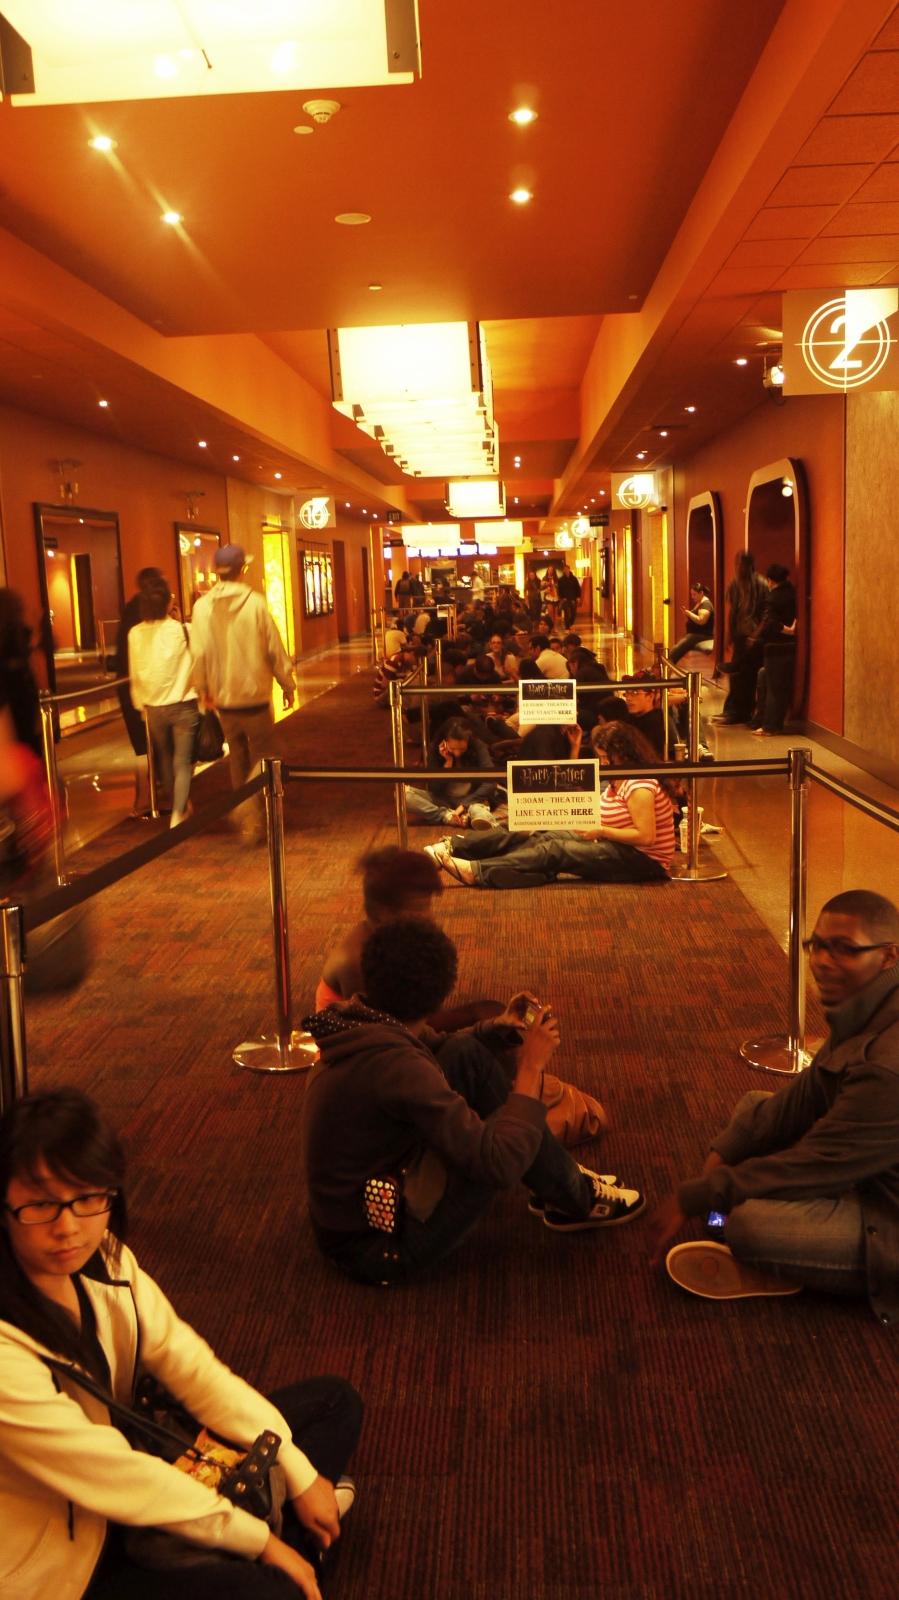 queues and queues